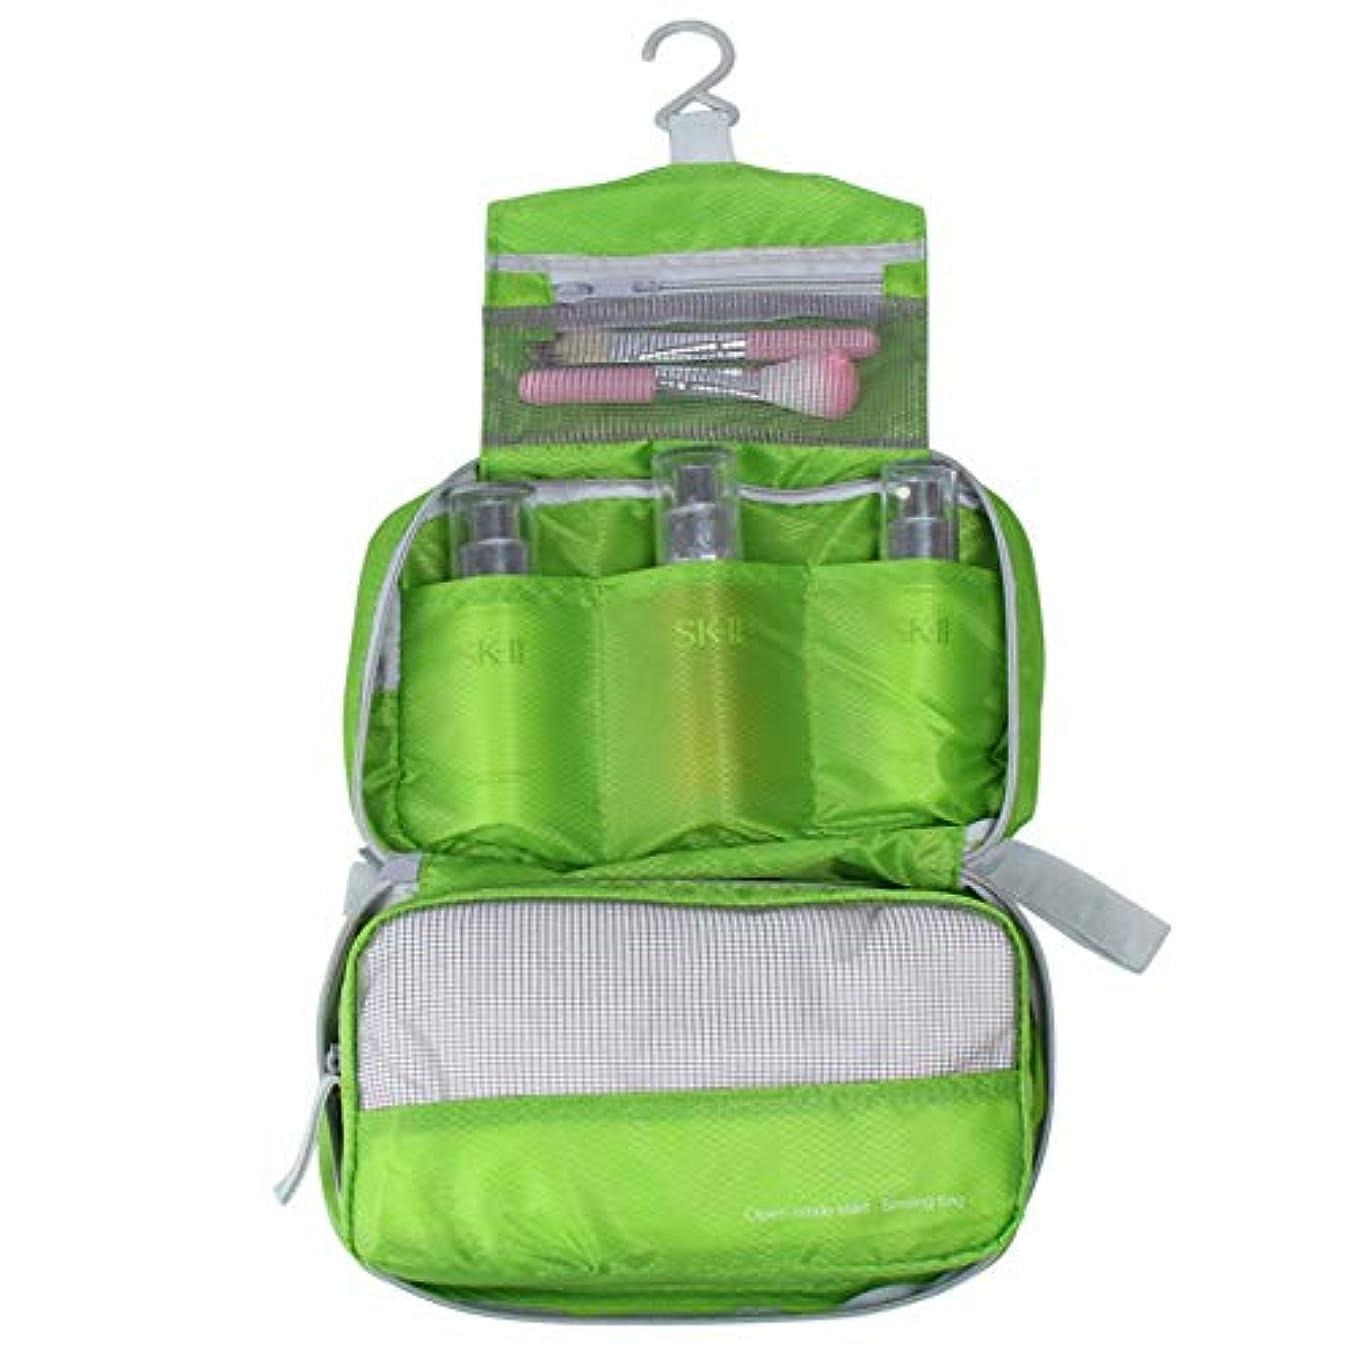 契約した伝記ウルル化粧オーガナイザーバッグ 化粧品のバッグは、防水、ハンガー、旅行メッシュとジップコンパートメントのウォッシュバッグです。 化粧品ケース (色 : 緑)